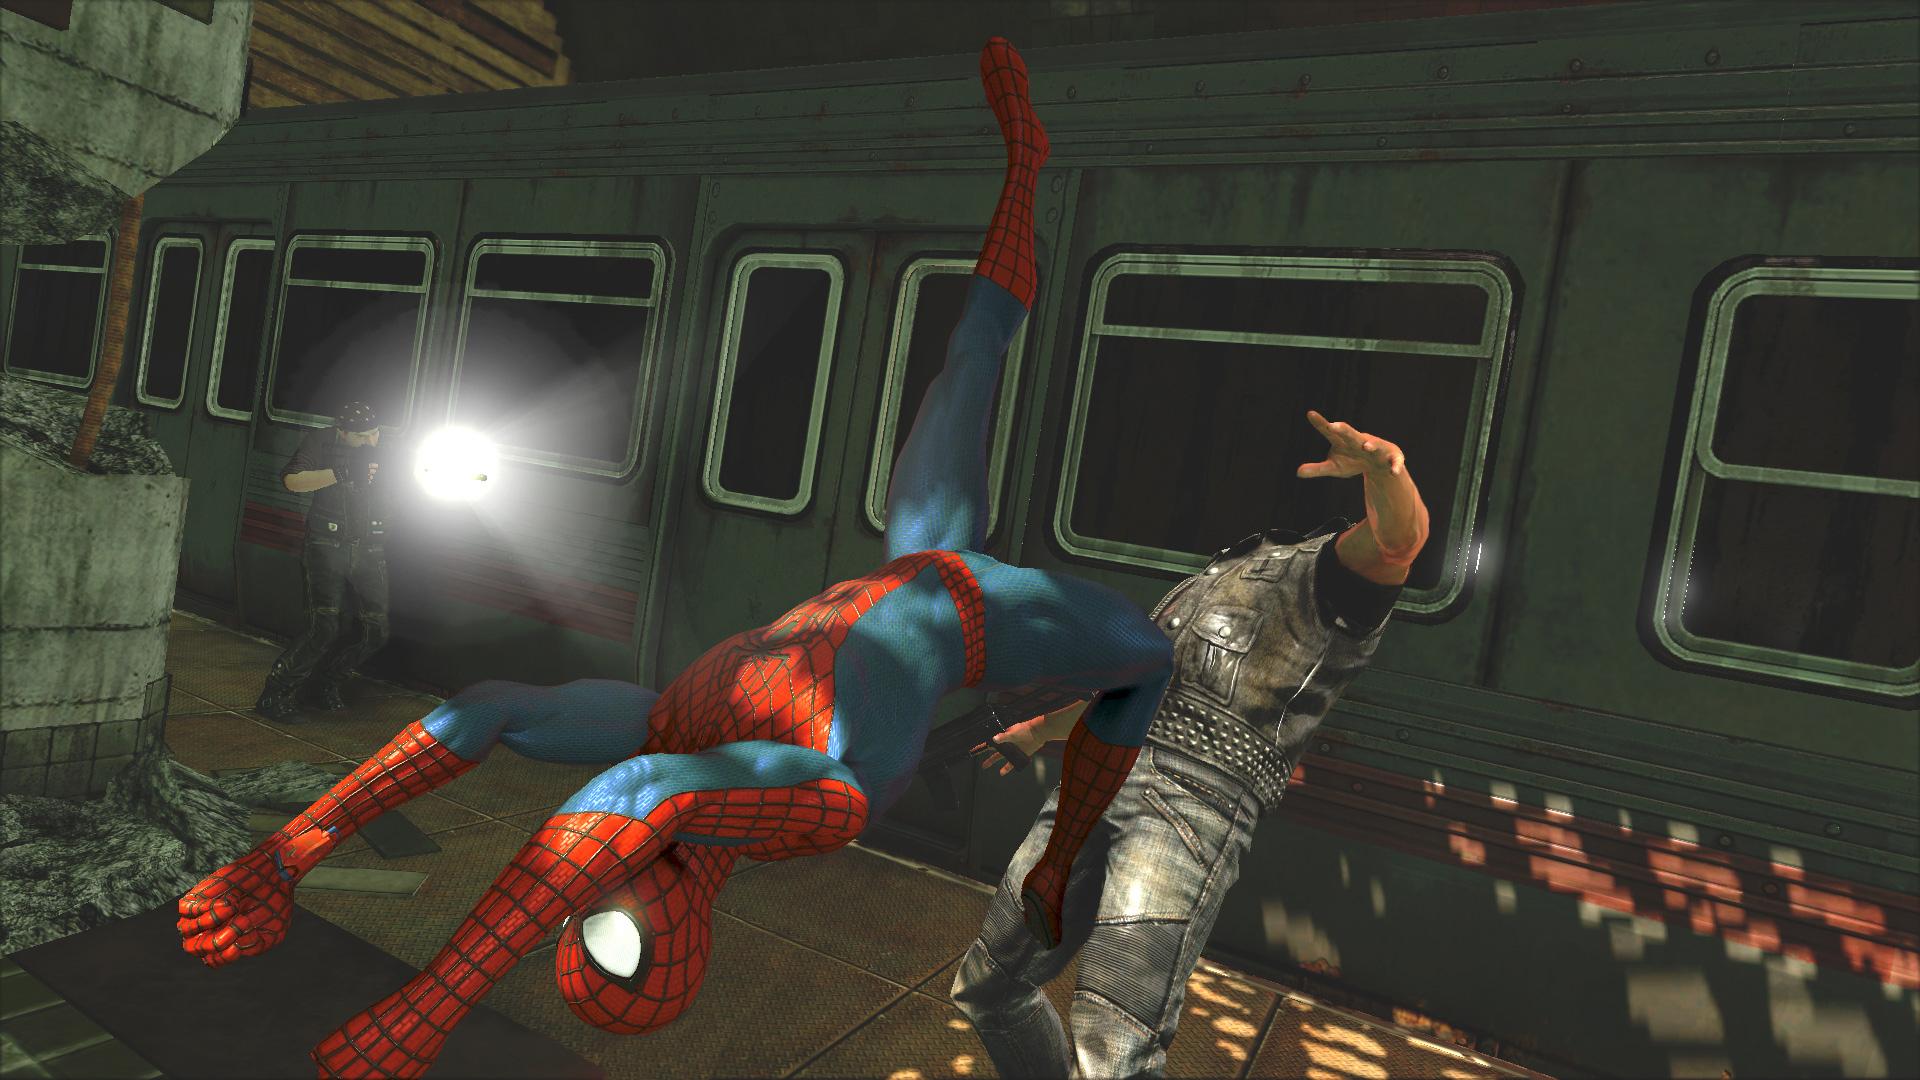 Ngắm The Amazing Spider-Man 2 phiên bản PS4 - Ảnh 7